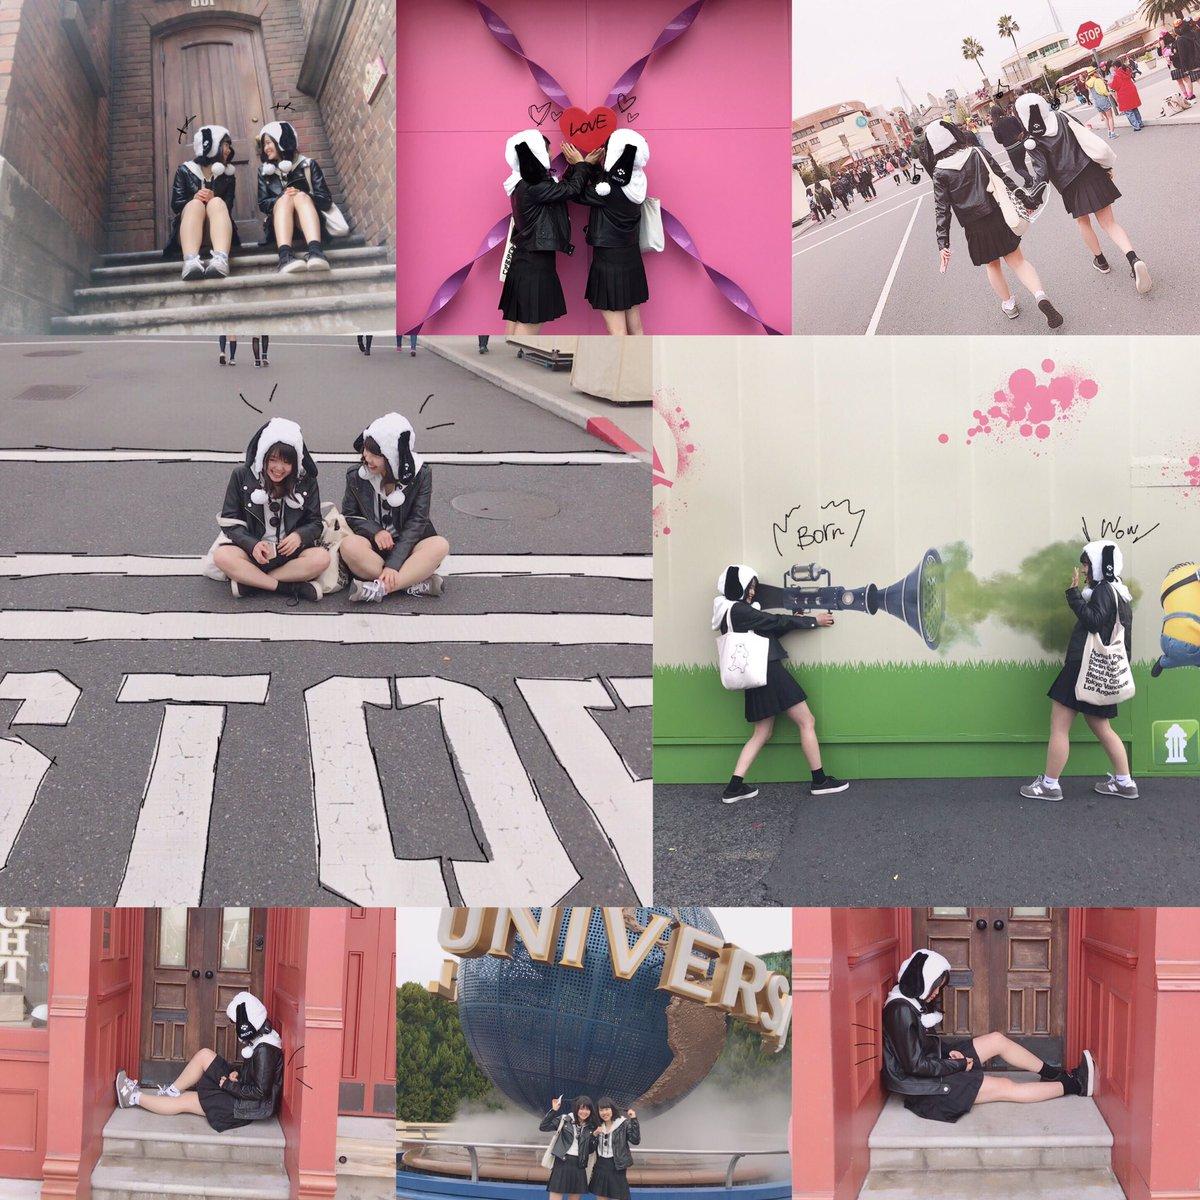 03.23(木) 卒業旅行 inUSJ🌈もうほんとに楽しかったの一言!!!!!!いっちゃんとスヌーピーのイメージで双子で